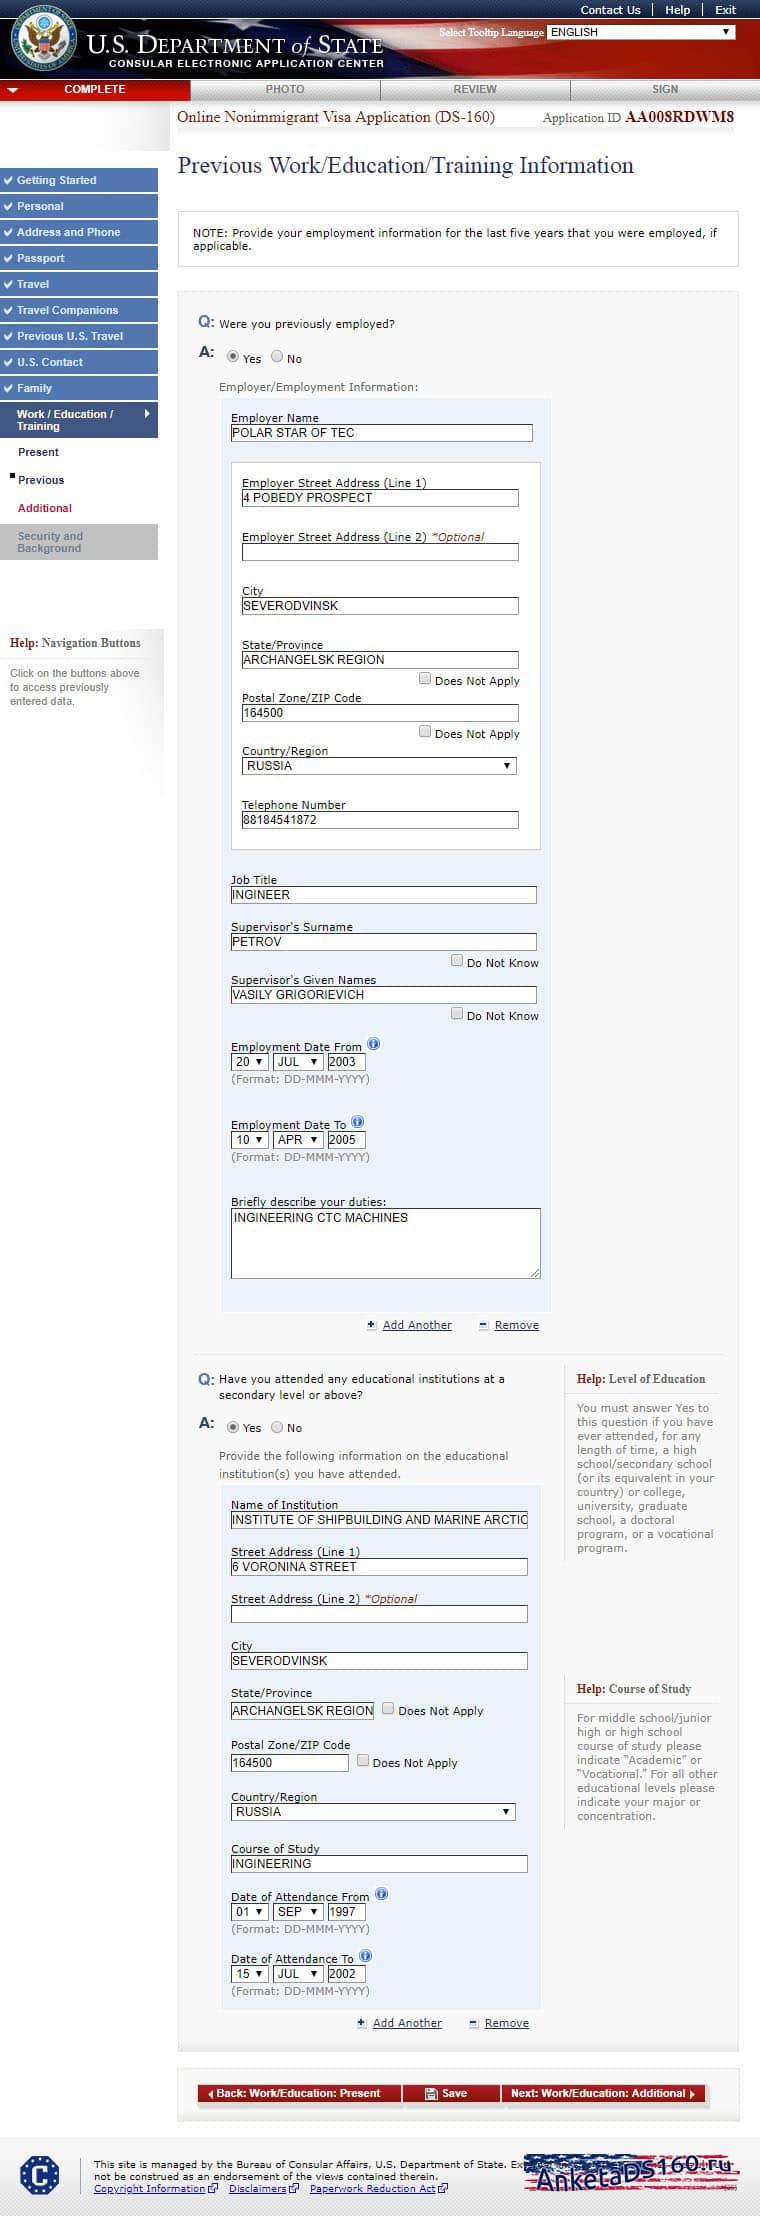 Анкета Ds 160 заполнение информации о предыдущем месте работы или учебы